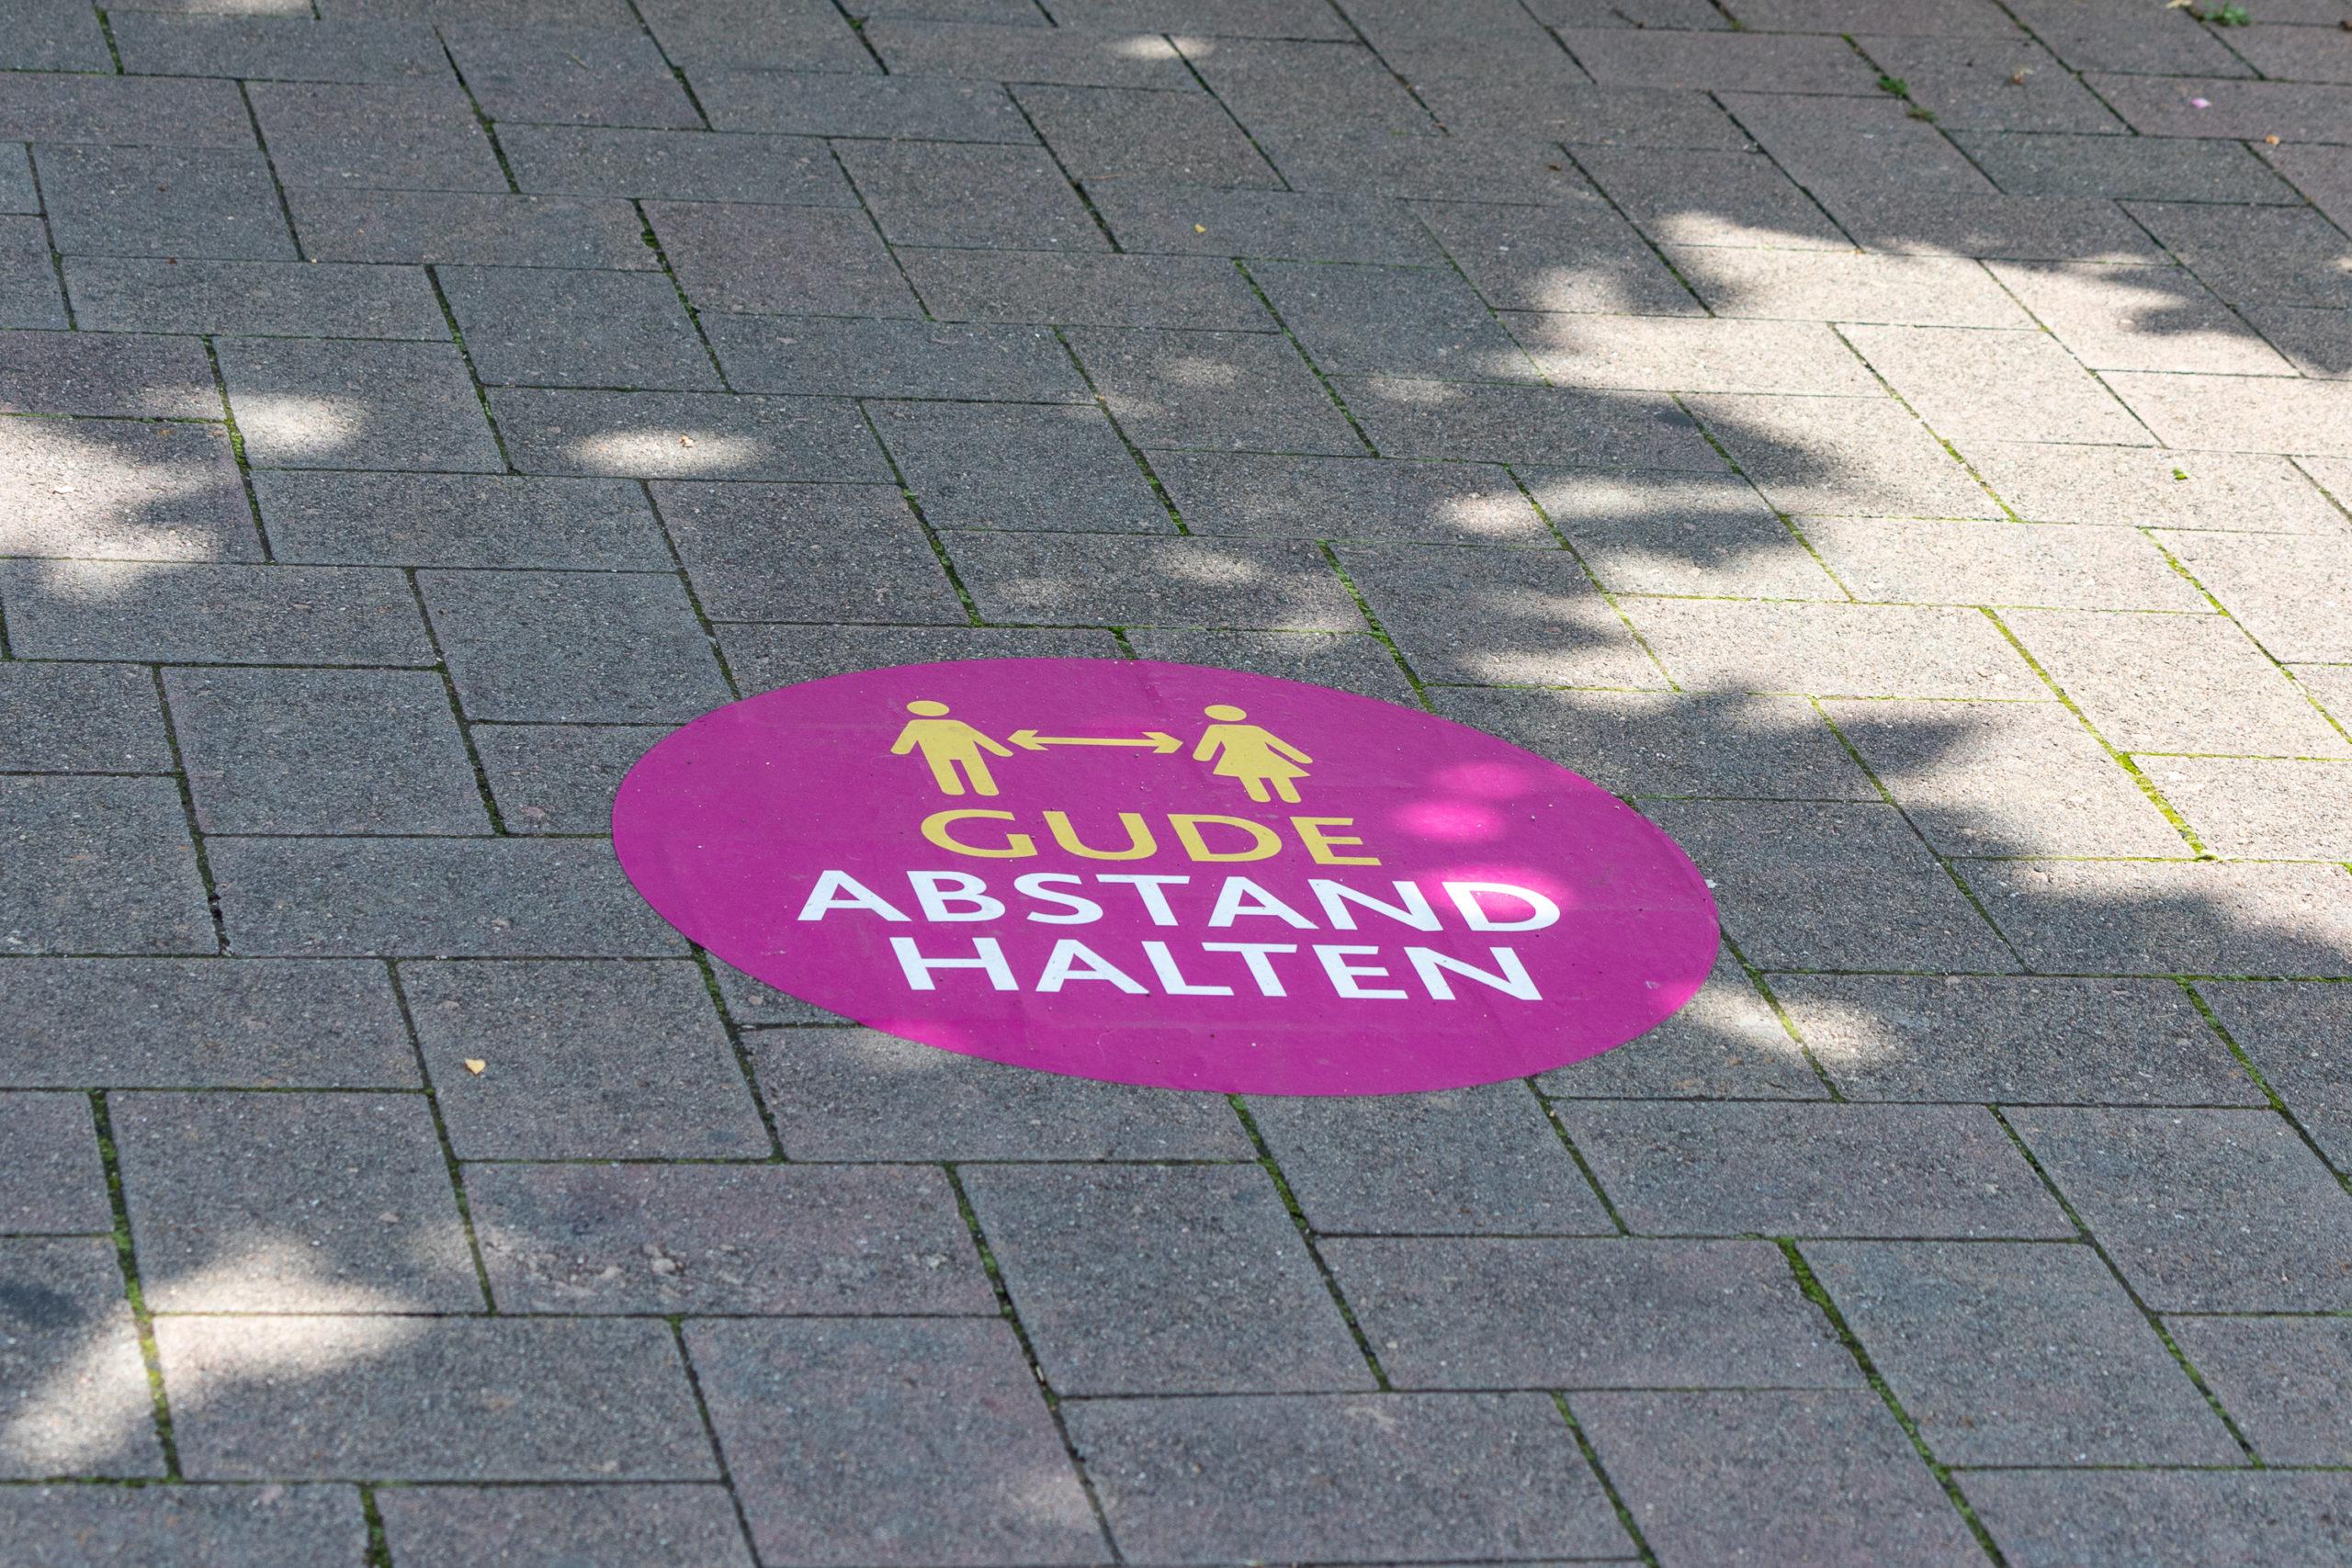 """Ein magentafarbener Kreis ist auf dem Boden geklebt, darauf zwei Menschensymbole mit Abstandspfeil dazwischen, darunter die Worte """"Guden Abstand halten""""."""